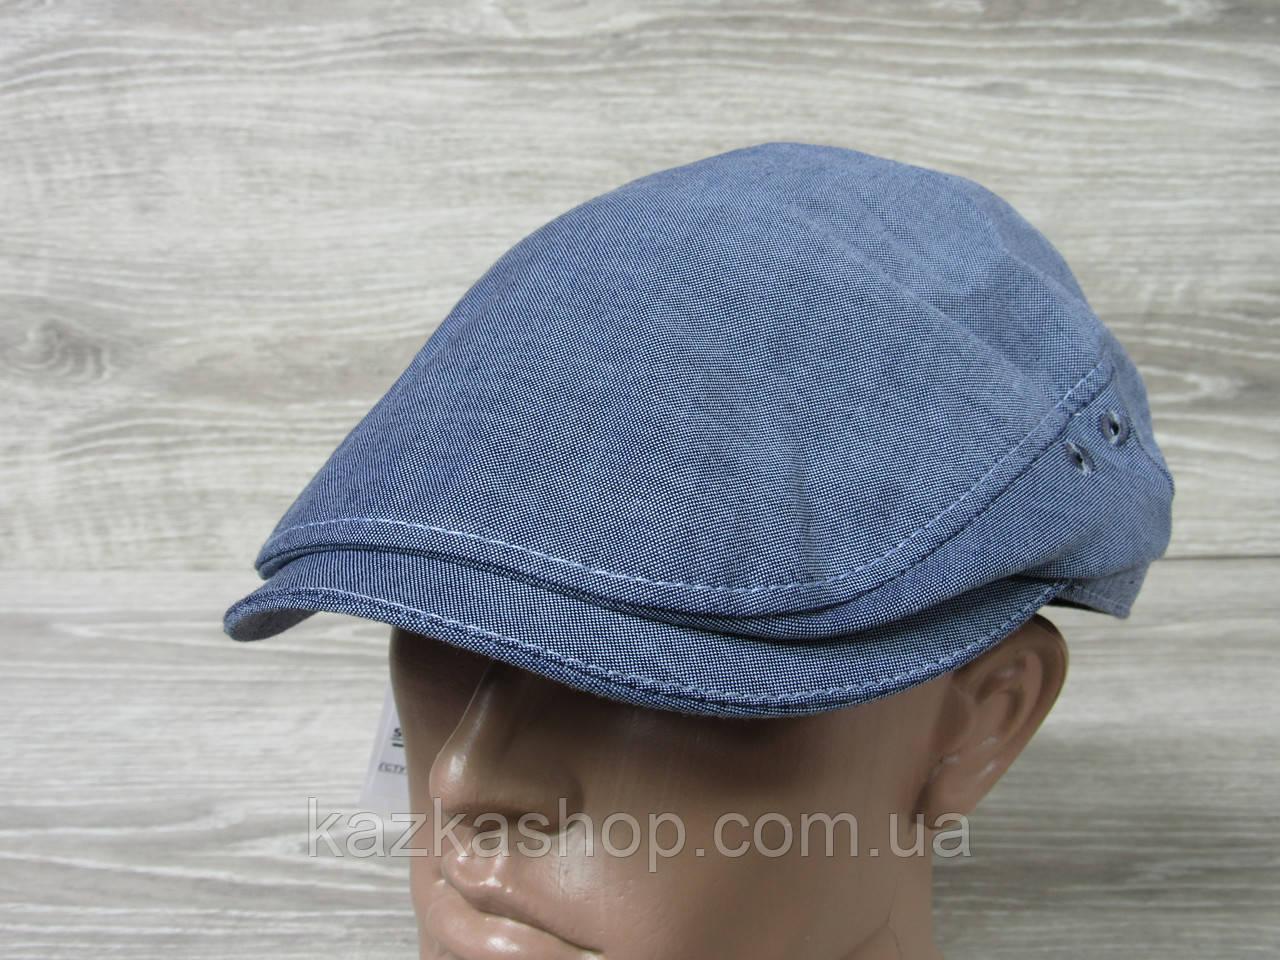 Мужская кепка уточка, пятиклинка, джинсового цвета, однотонная, сезон весна-лето, размеры 56-60 см